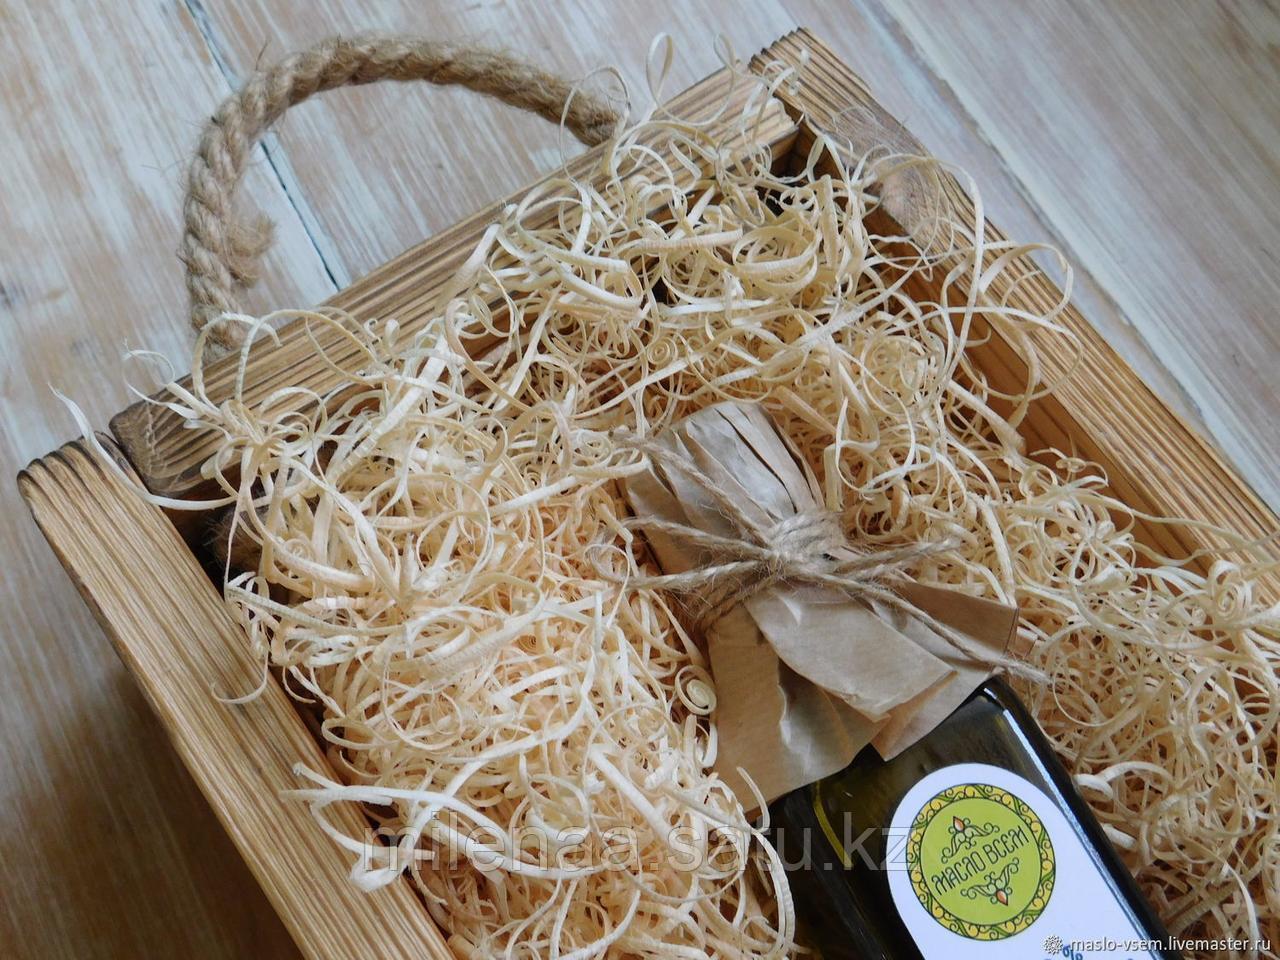 Солома натуральная  для подарков в Алматы